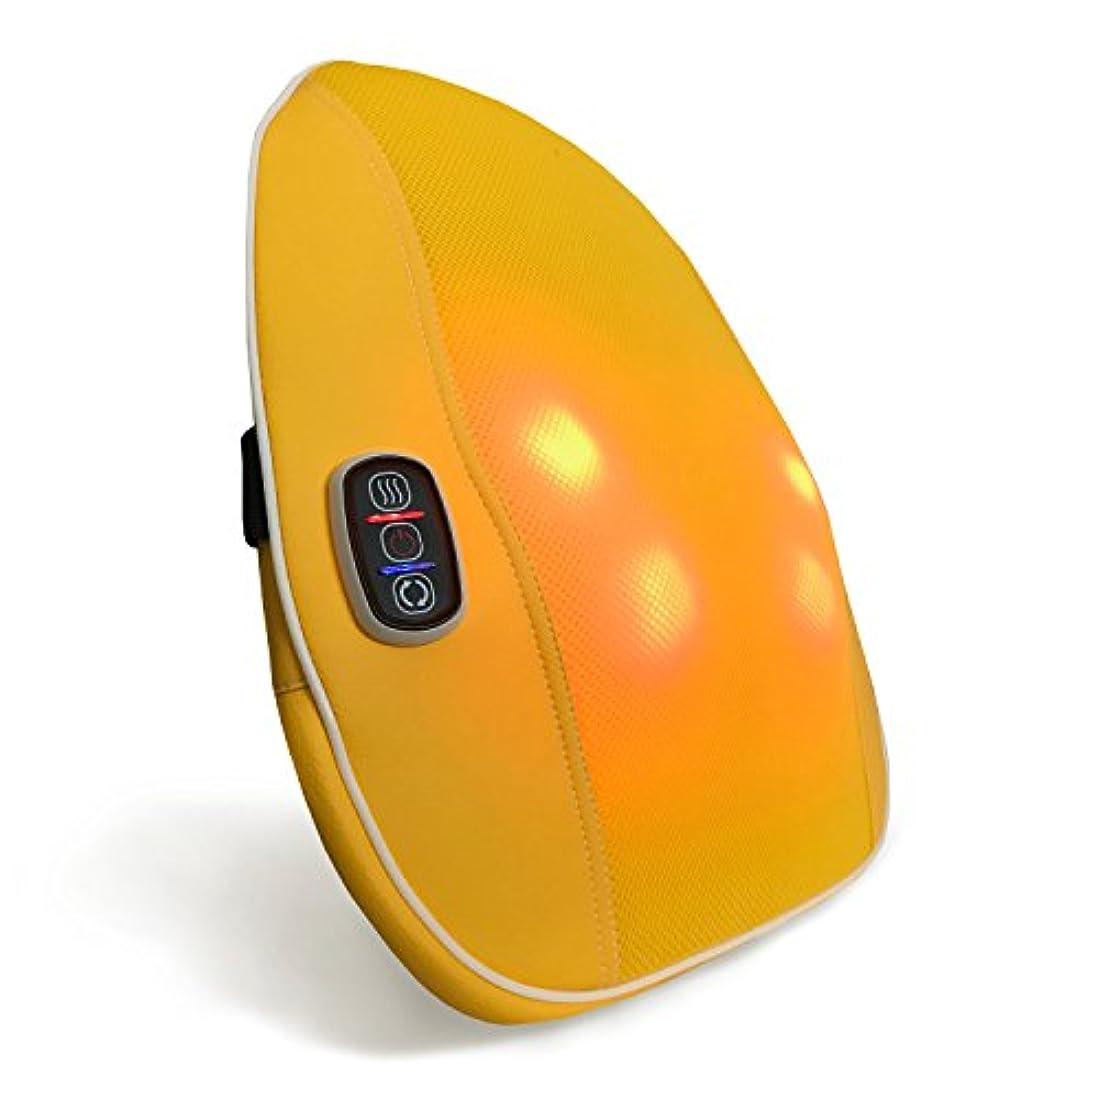 排除する貼り直すトレイクロシオ スマートマッサージャー パプリカ イエロー 幅40cm 厚み9cm もみ玉式マッサージ器 薄型 簡単操作 マッサージクッション